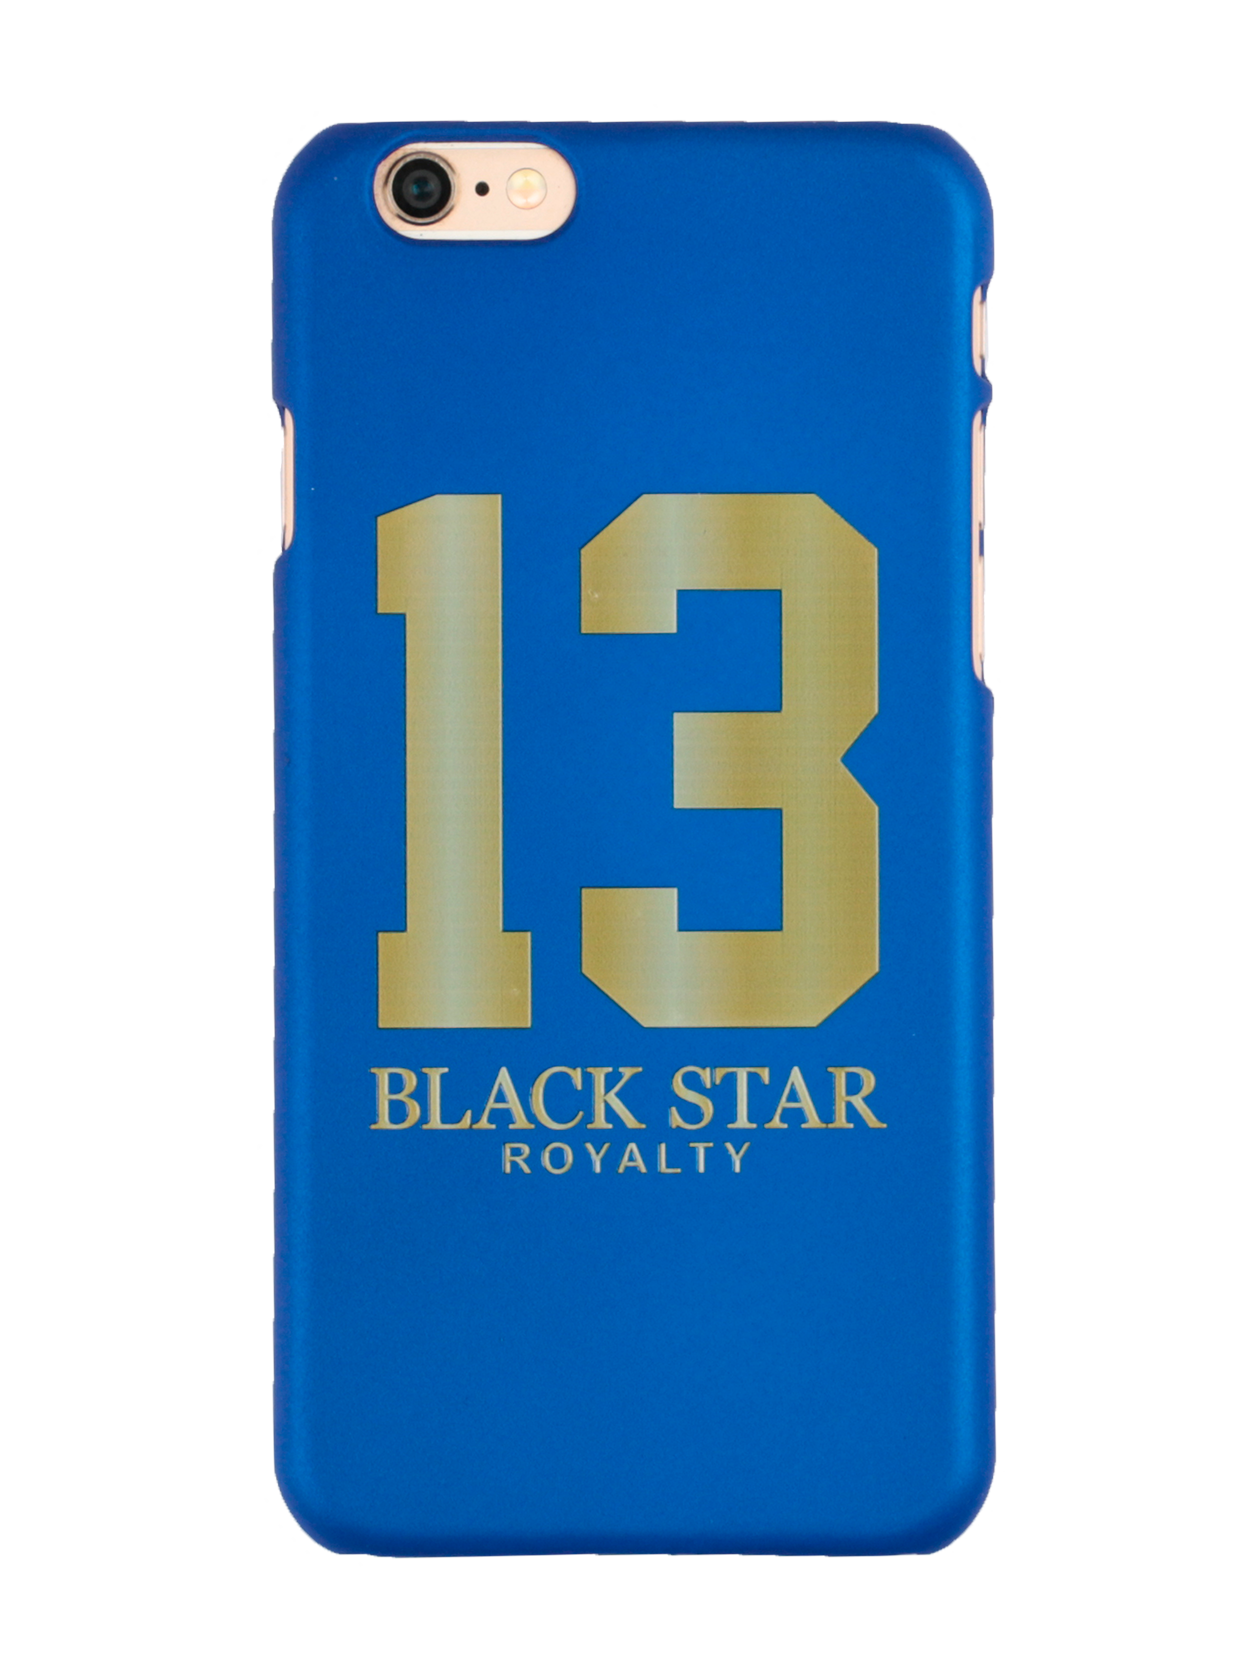 Чехол для телефона 13 GOLDЧехол для телефона 13 Gold из коллекции Black Star Wear – яркое дополнение любимого гаджета. Аксессуар используется в качестве задней стенки мобильного устройства, полностью повторяя его форму. Выполнен из прочного пластика, способного защитить корпус телефона от повреждений и попадания пыли. Чехол представлен в синем цвете, дизайн дополнен стильным принтом с цифрой 13 и надписью «Black Star Royalty».<br><br>Размер: 5<br>Цвет: Синий<br>Пол: Унисекс